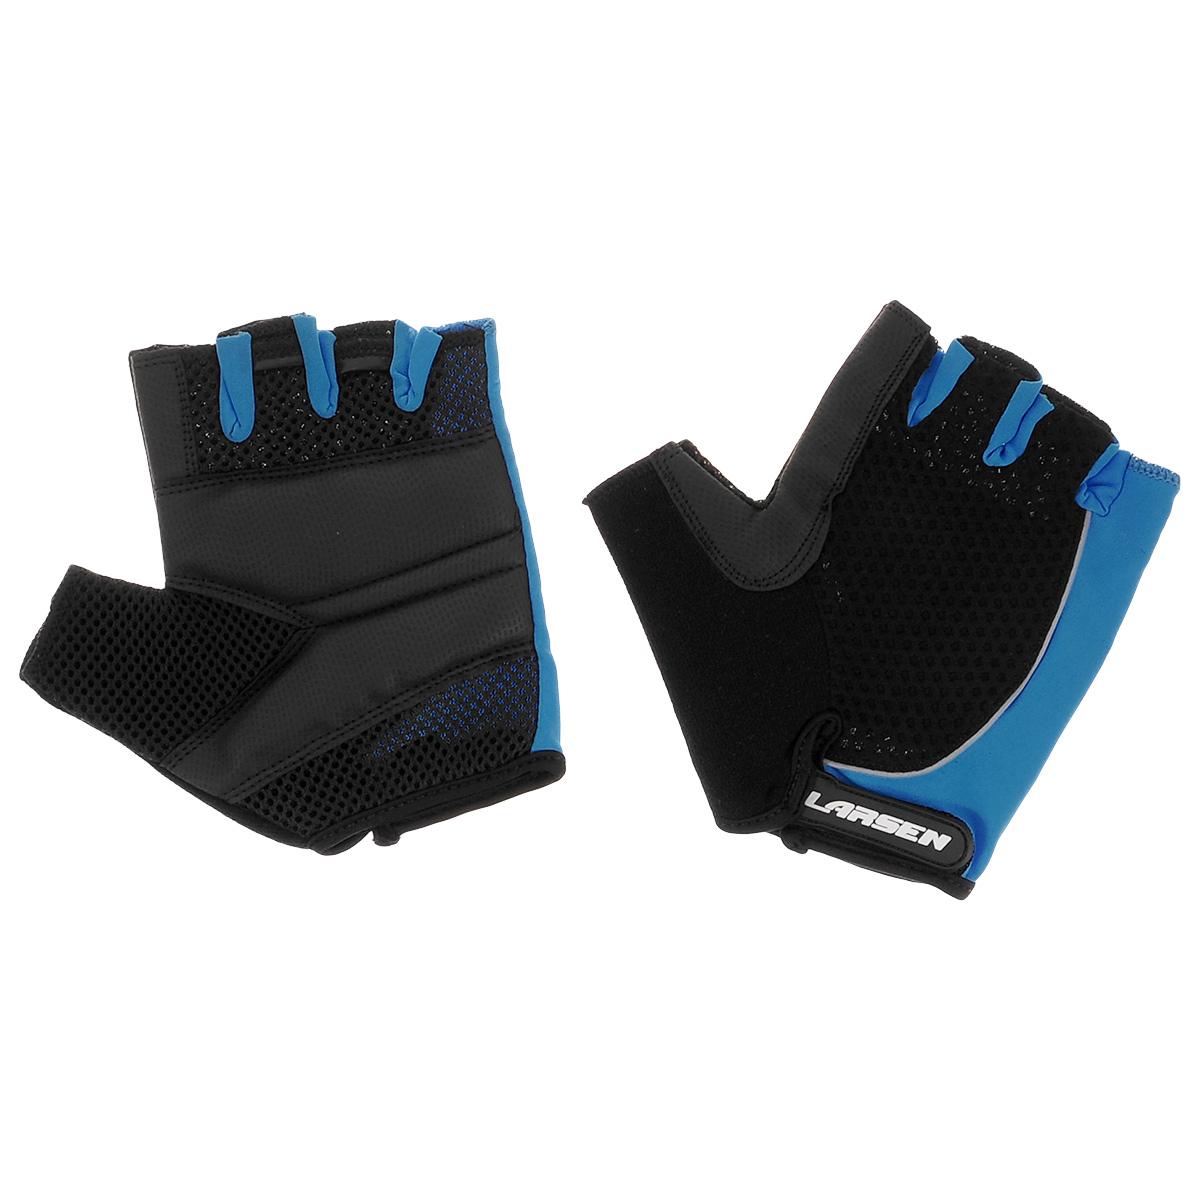 Велоперчатки Larsen, цвет: черный, синий. Размер S01-1232Велоперчатки Larsen выполнены из высококачественного нейлона и амары. Ладони оснащены накладкой из полиуретана для повышенного сцепления и системой Pull Off на пальцах. Застежка Velcro надежно фиксирует перчатки на руке. Сетка способствует хорошей вентиляции.